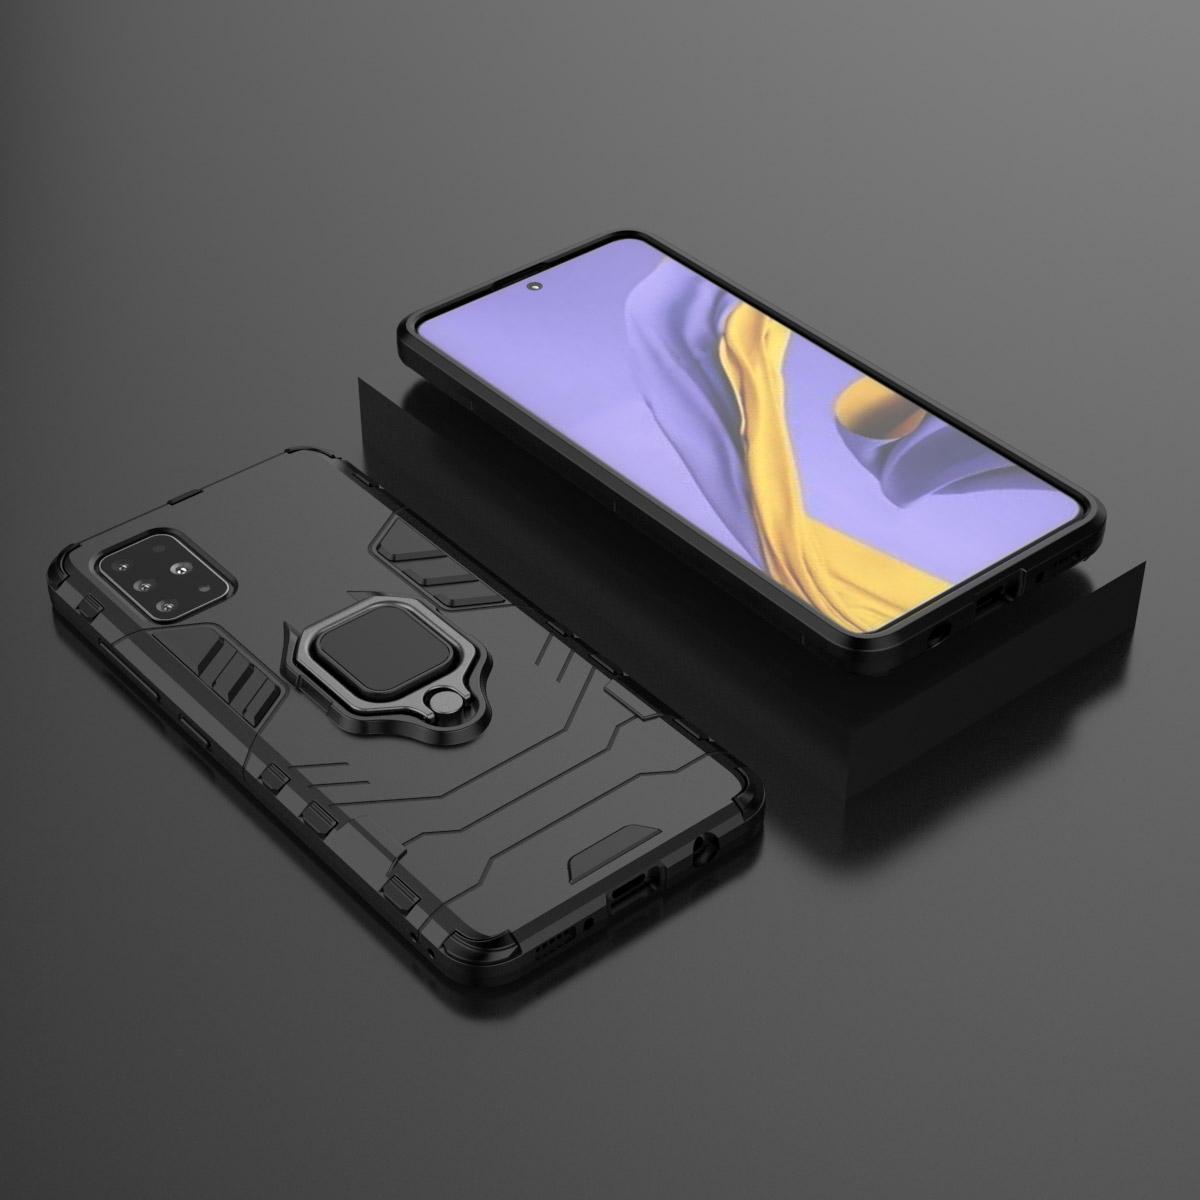 کاور سامورایی مدل ARC-2020 مناسب برای گوشی موبایل سامسونگ Galaxy A71 main 1 17